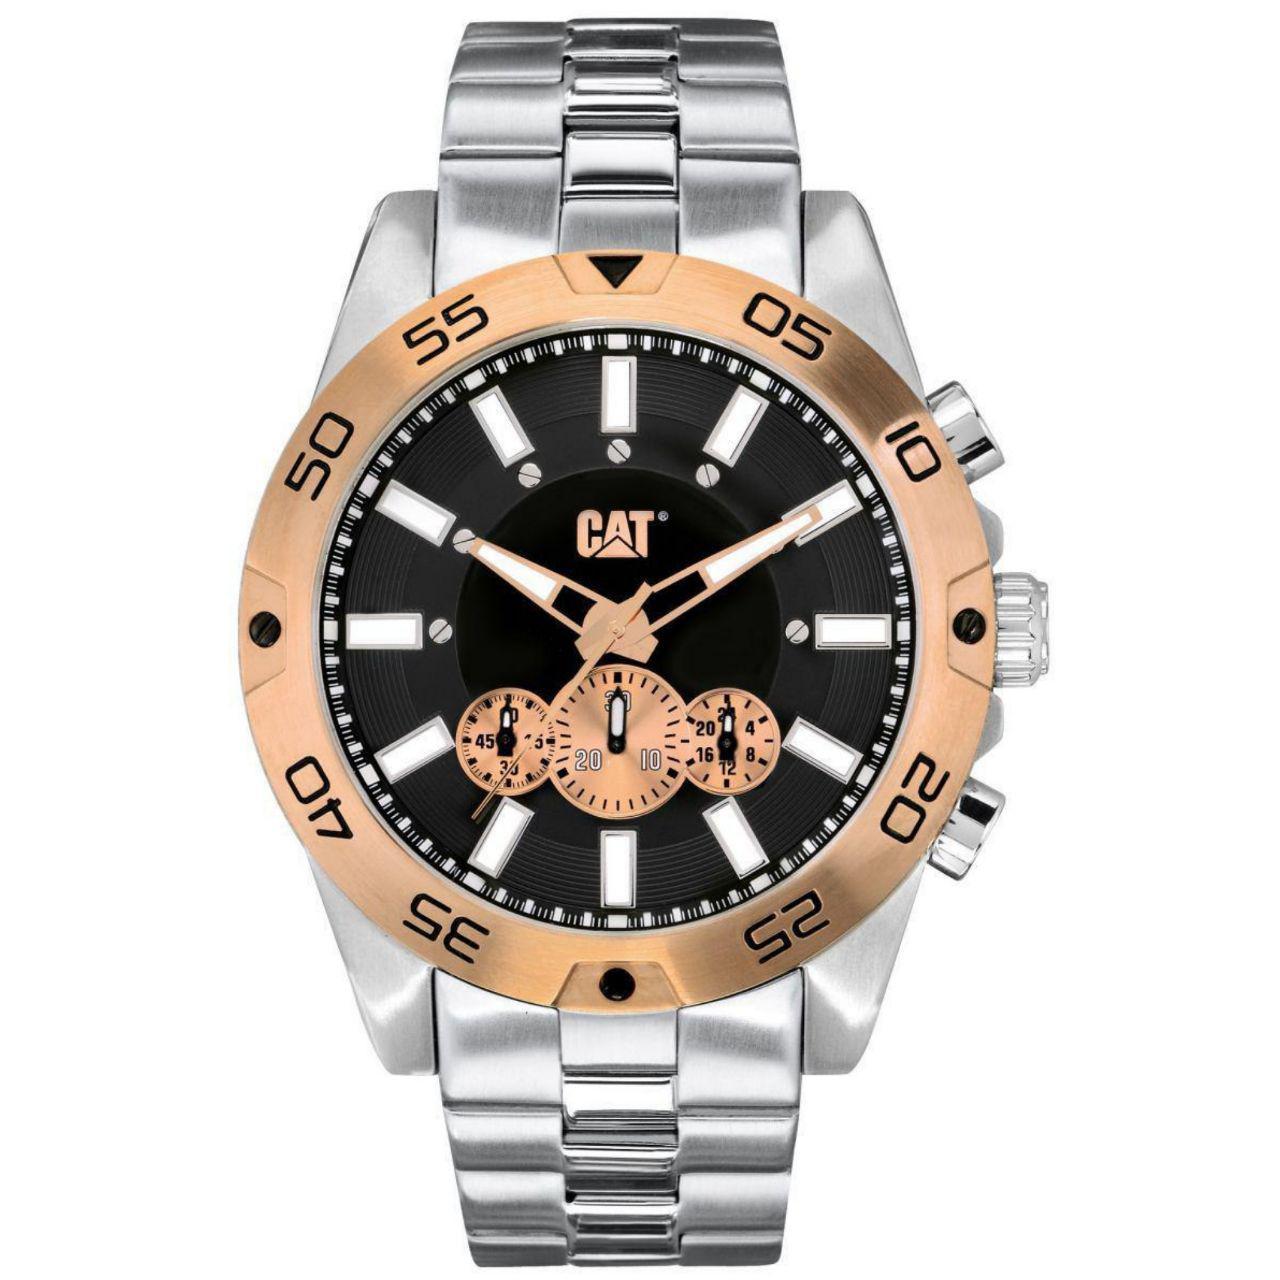 ساعت مچی عقربه ای مردانه کاترپیلار مدل IN.143.11.129